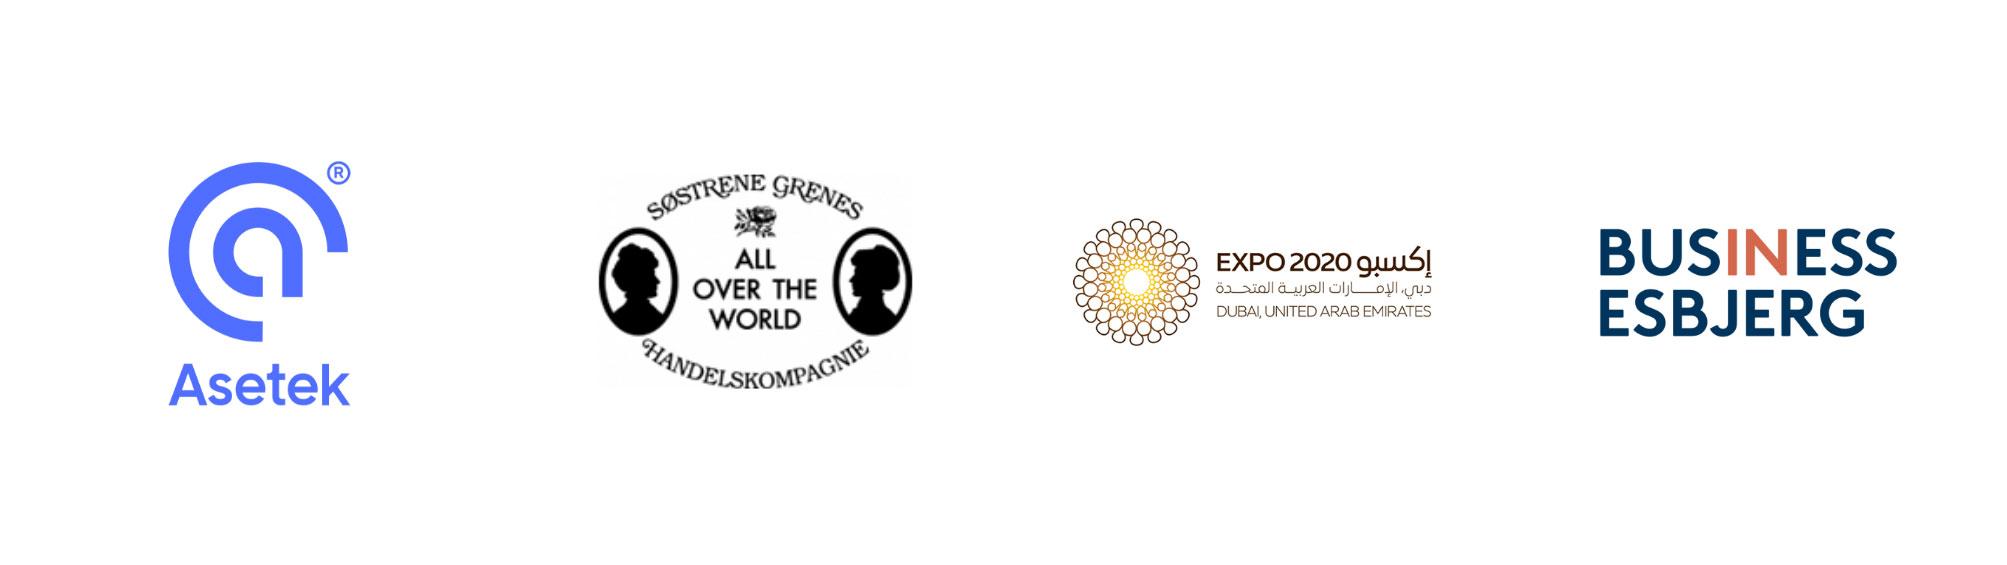 Asetek, Søstrene Grene, Expo 2020 Dubai, Business Esbjerg